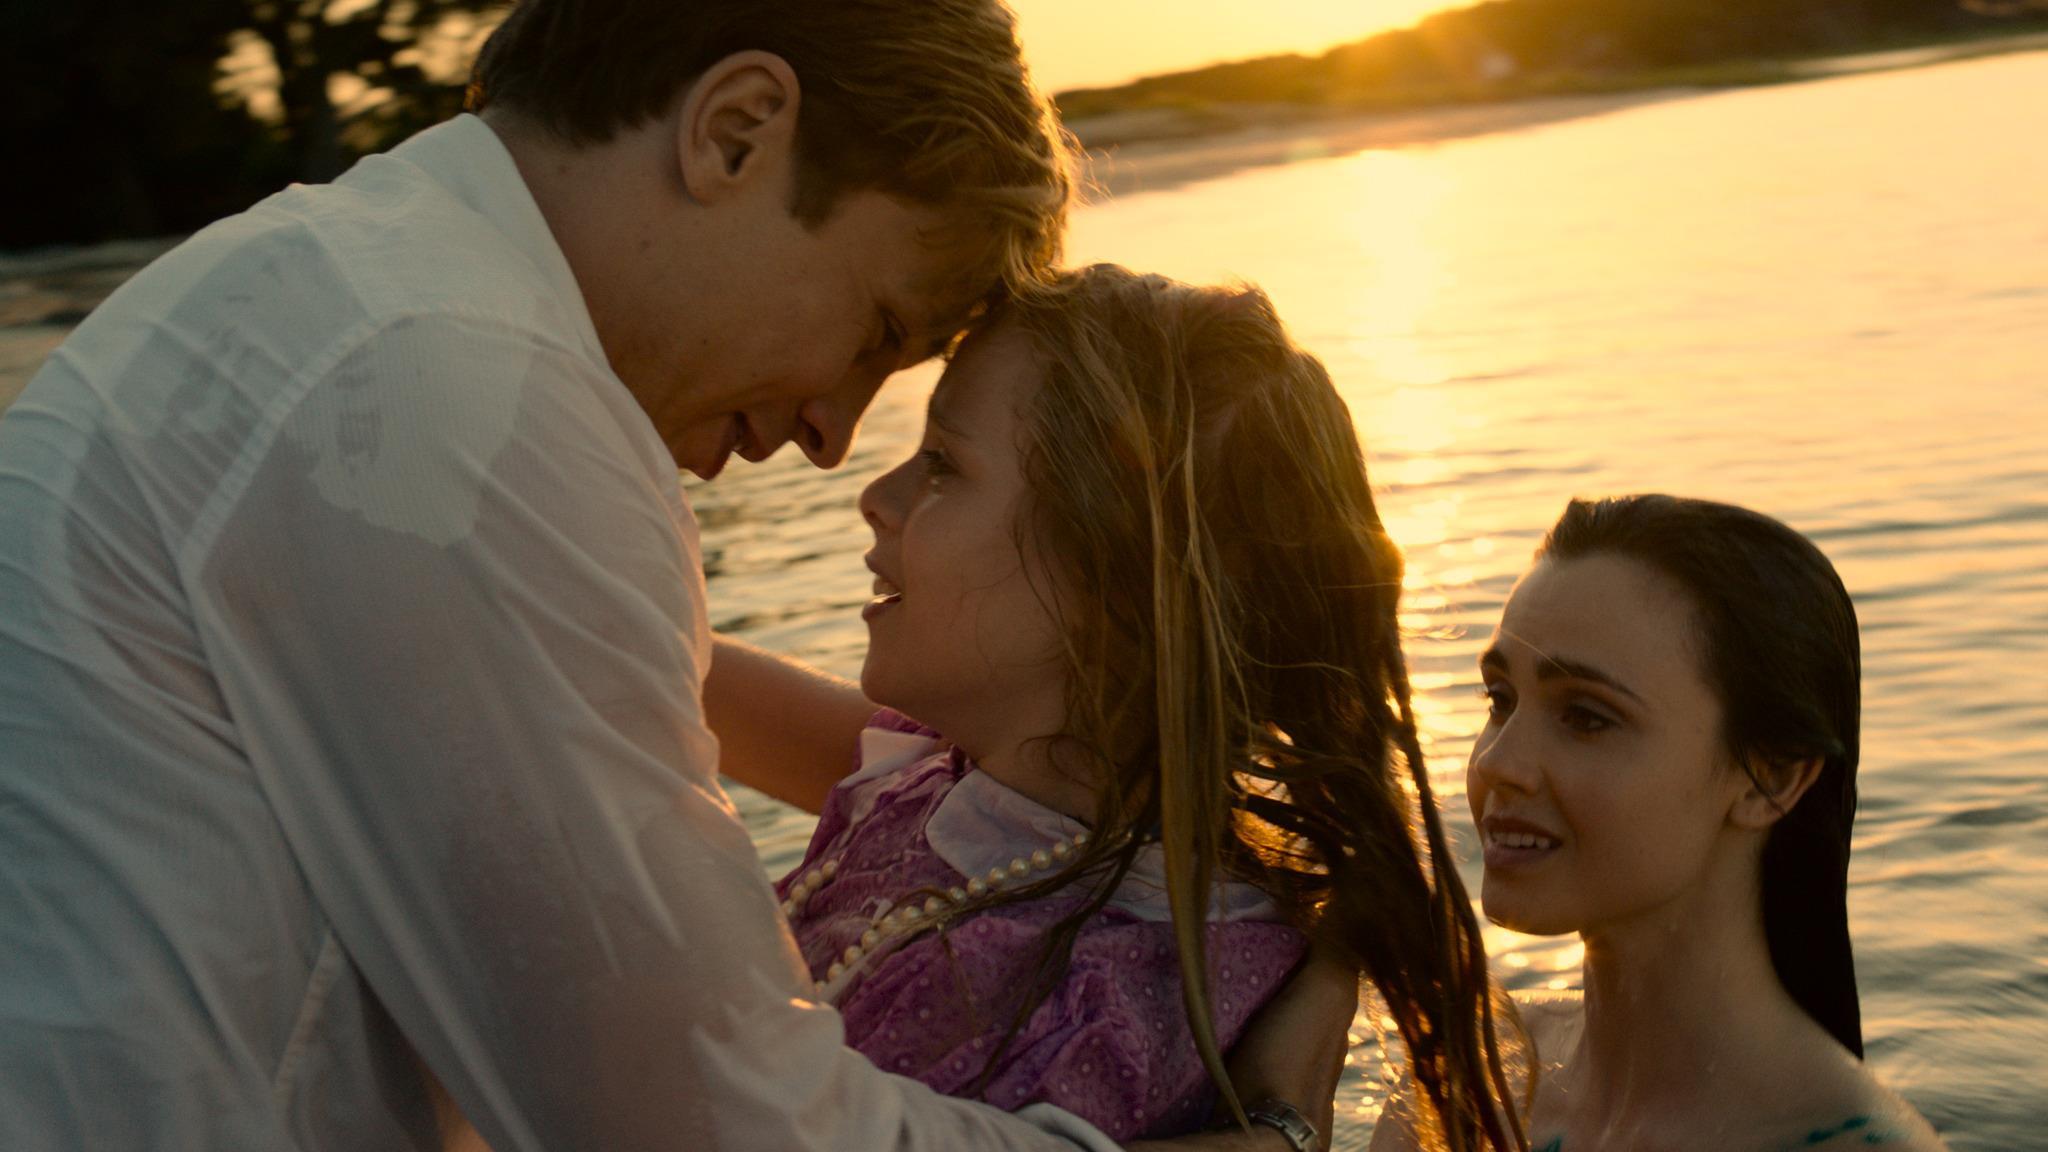 El trailer tuvo más de 40 millones de vistas en sus primeras dos semanas.